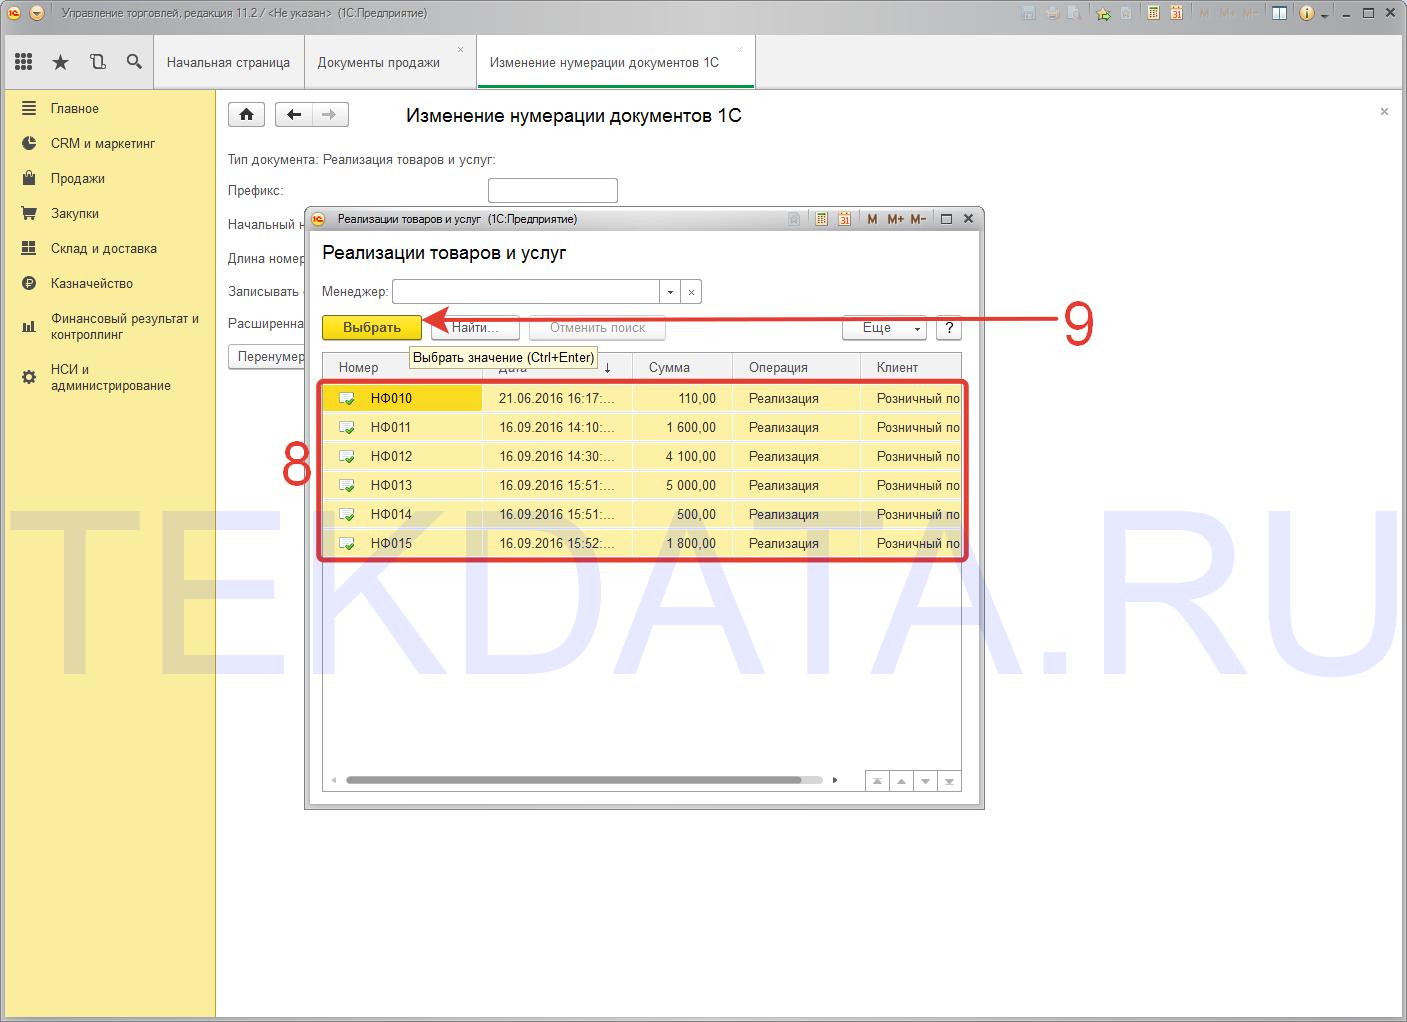 Инструкция по перенумерации документов в 1С 8.3 | tekdata.ru